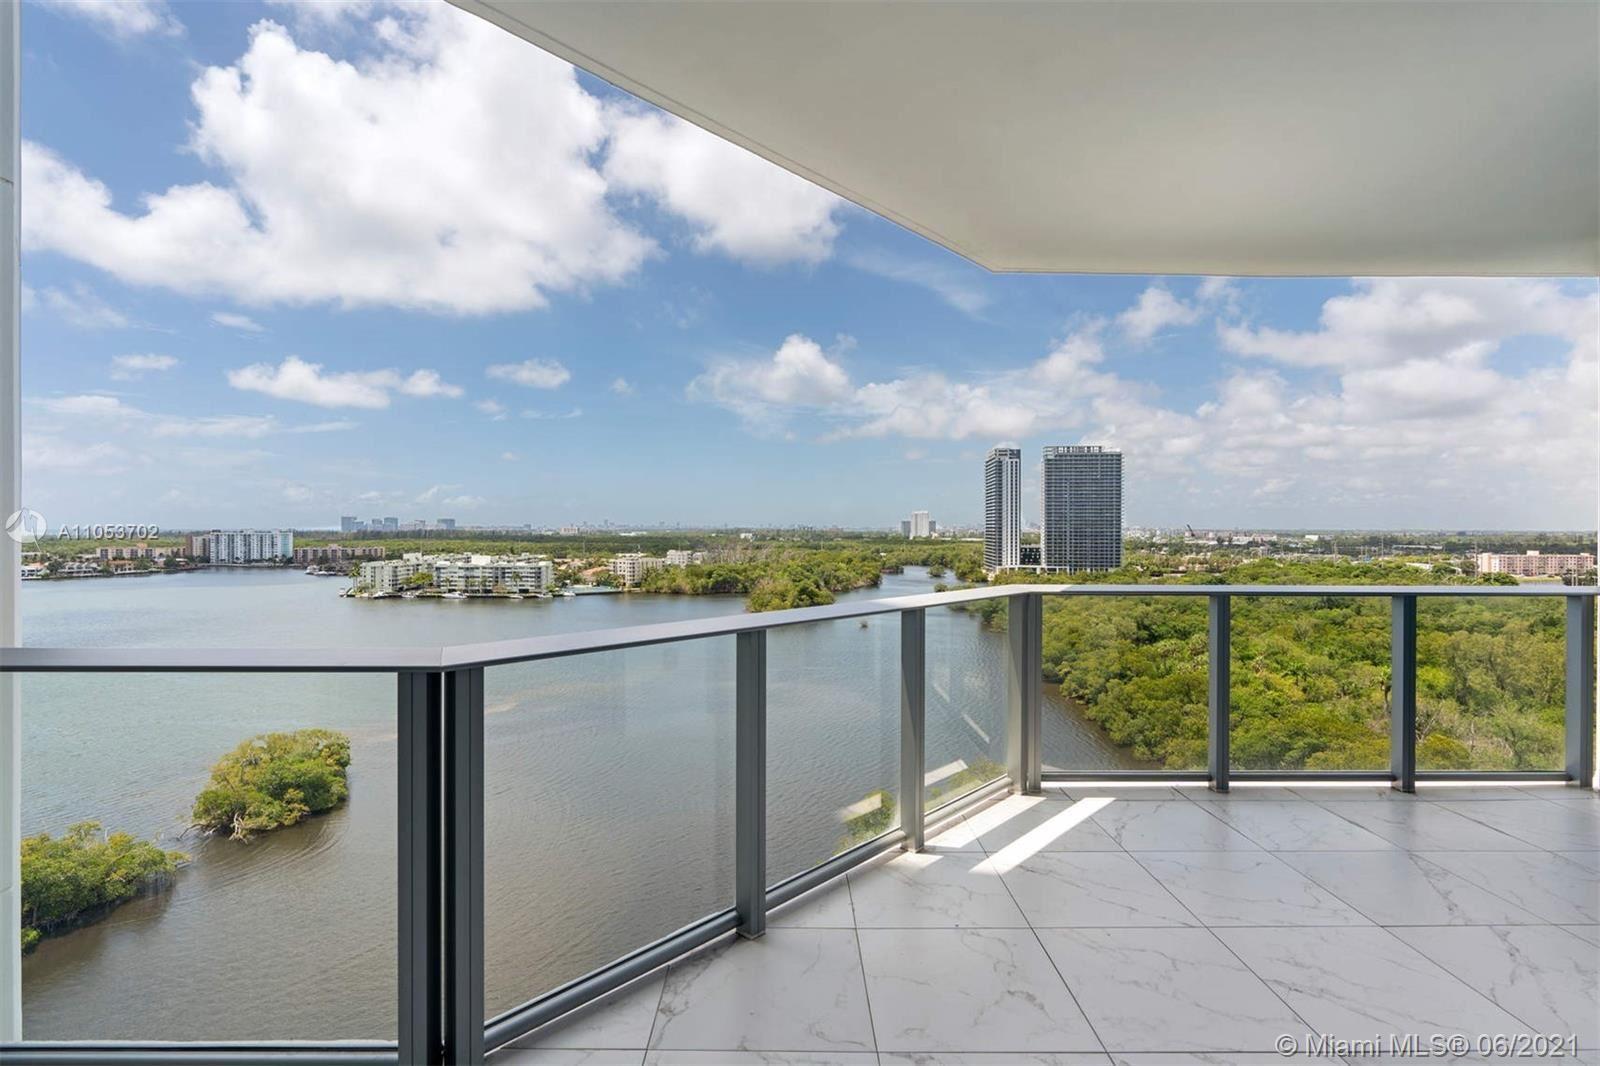 17111 Biscayne Blvd #1404, North Miami Beach, FL 33160 - #: A11053702